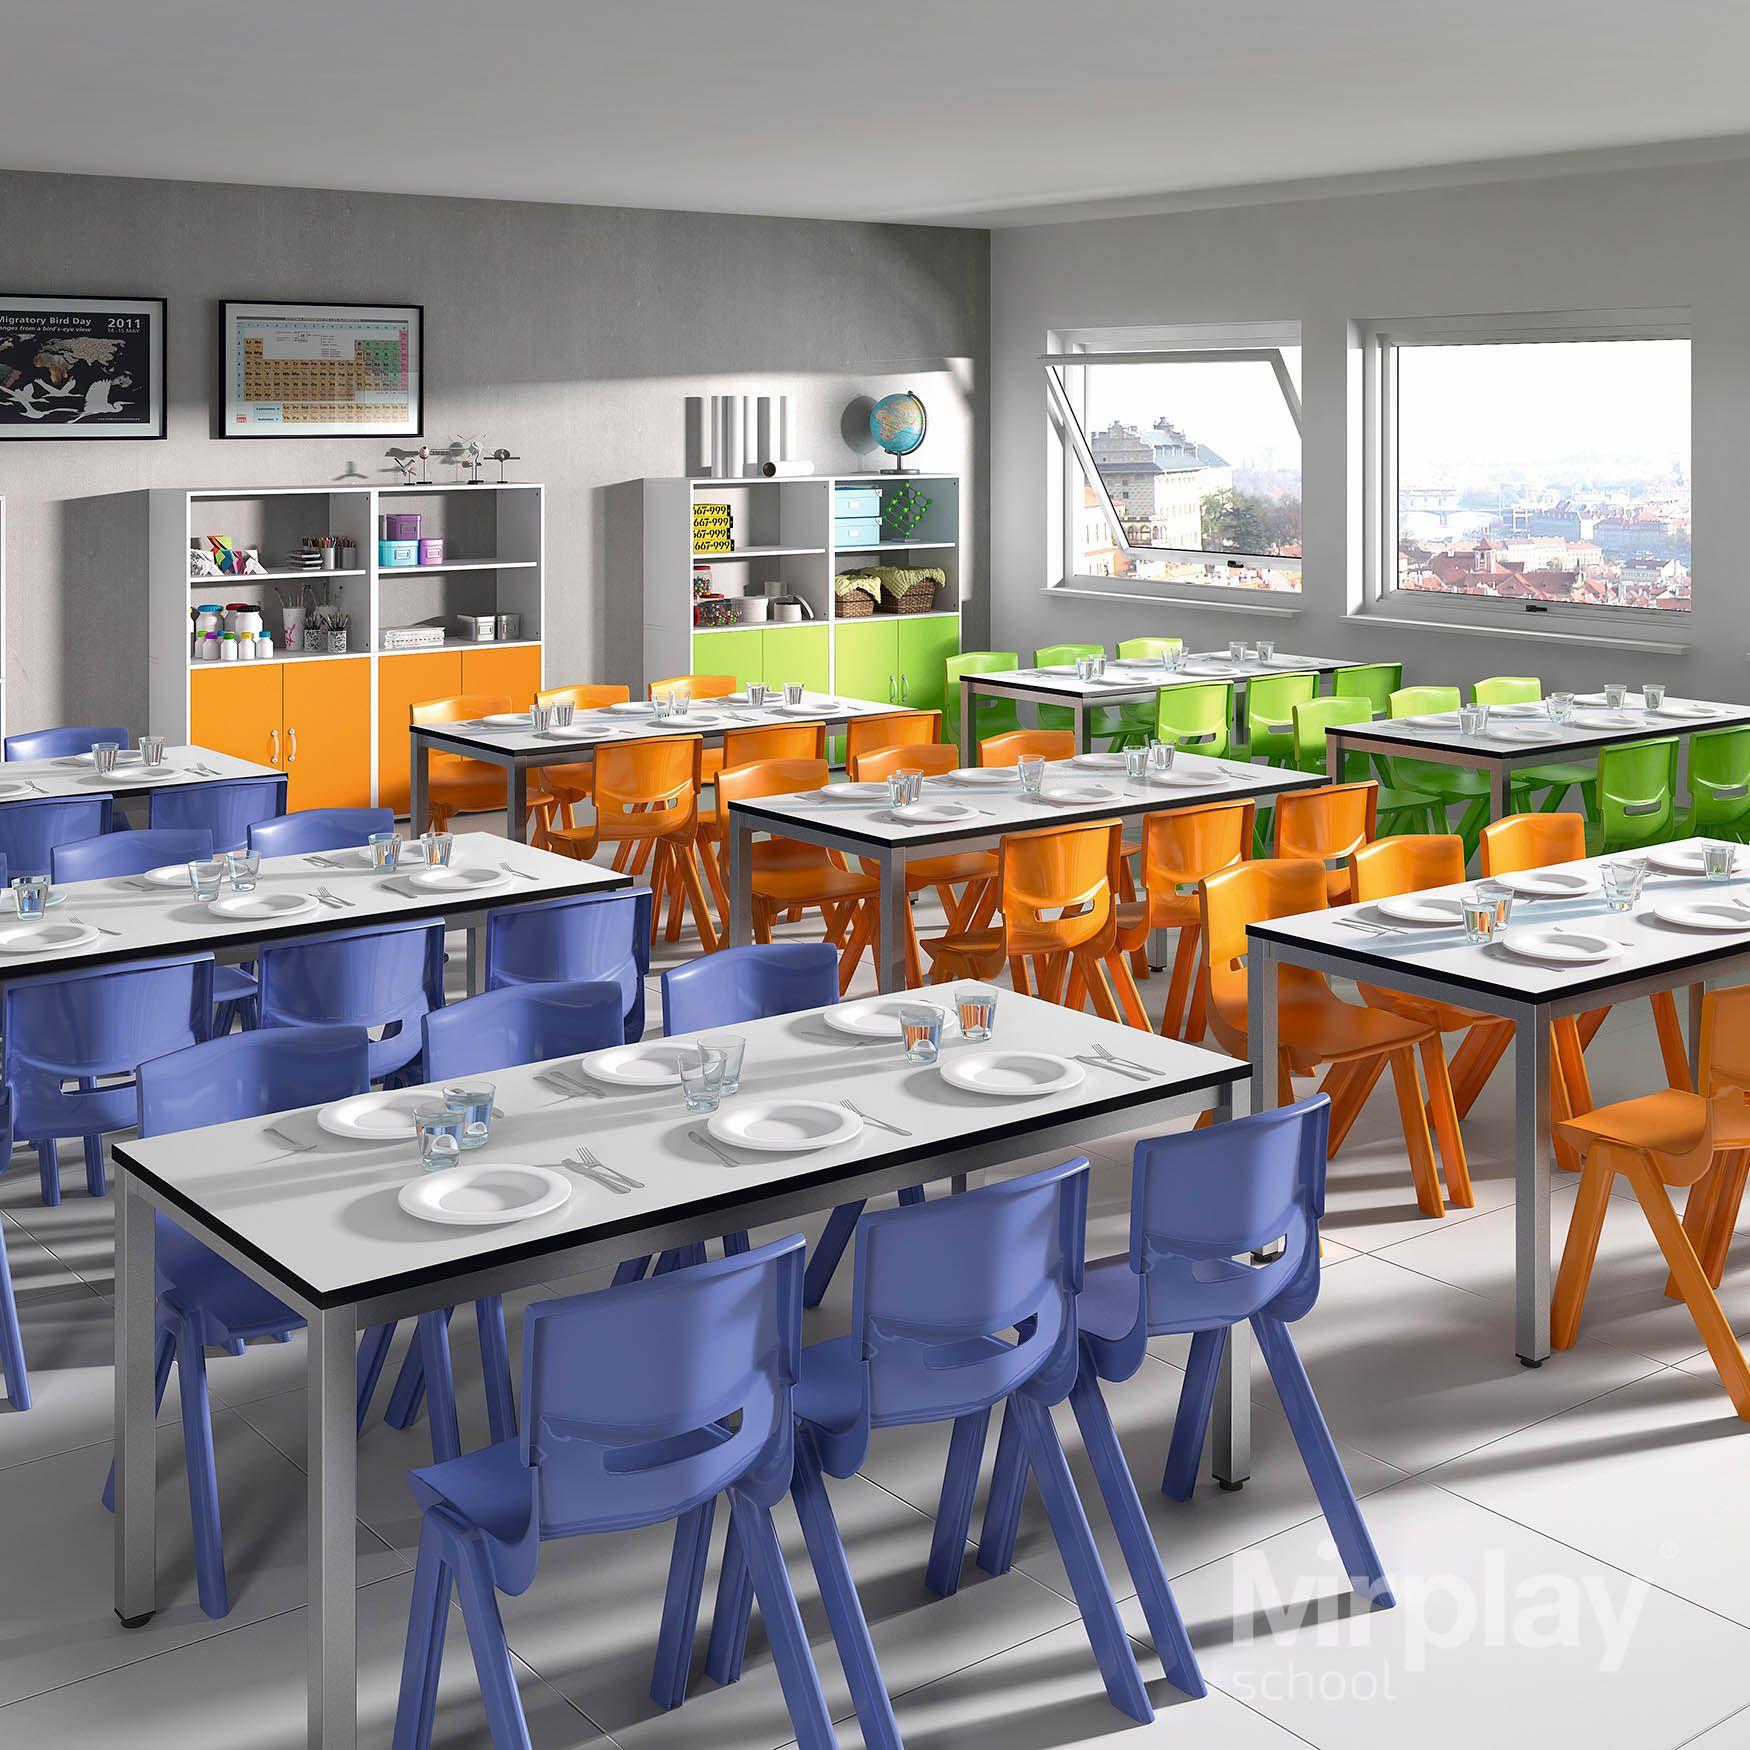 Mobliario escolar para espacios polivalentes. Comedor escolar. Mesa ...